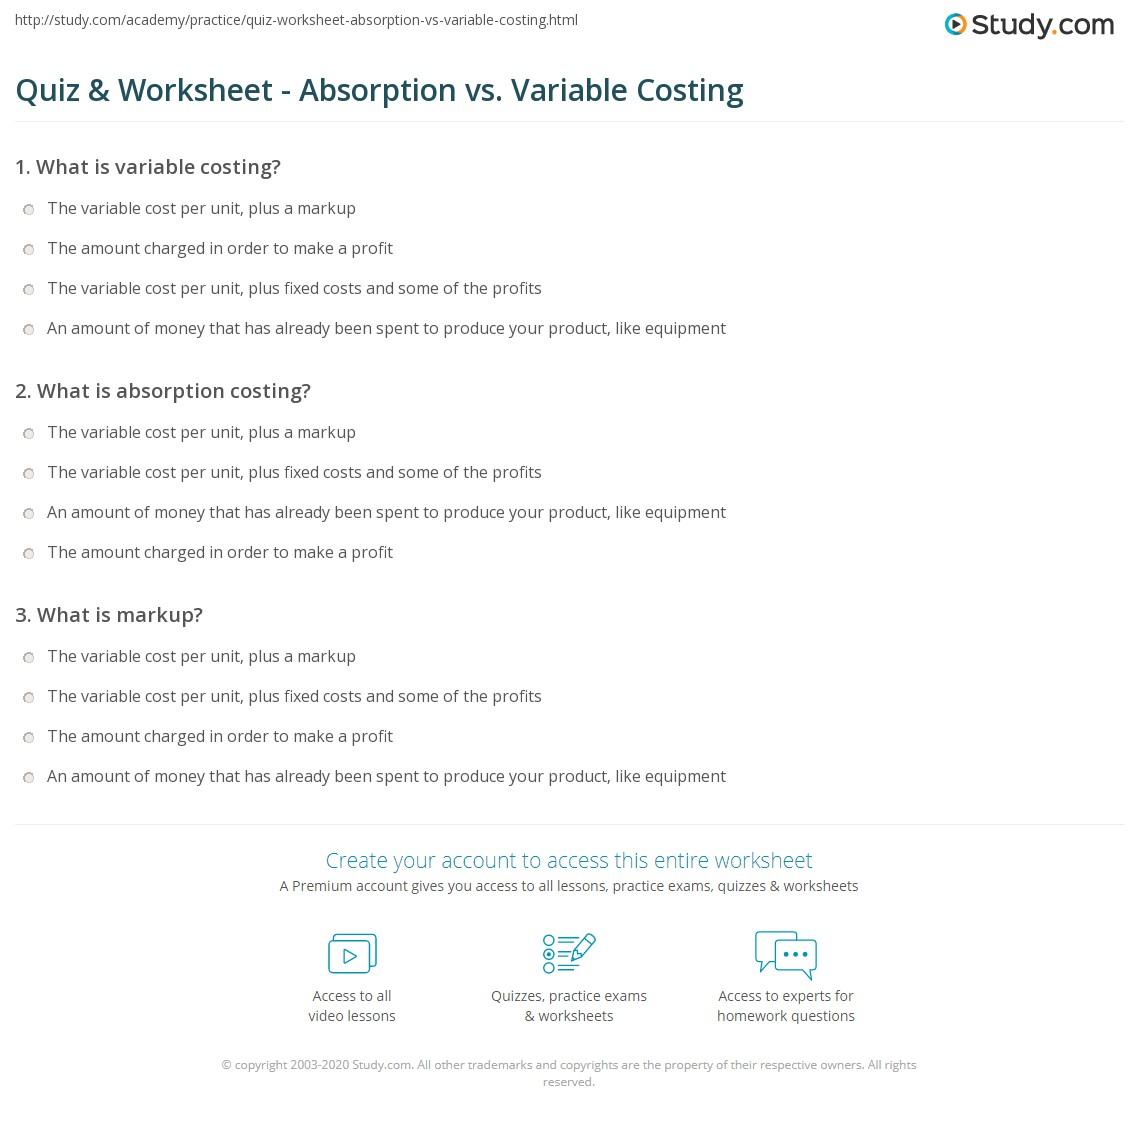 quiz worksheet absorption vs variable costing. Black Bedroom Furniture Sets. Home Design Ideas